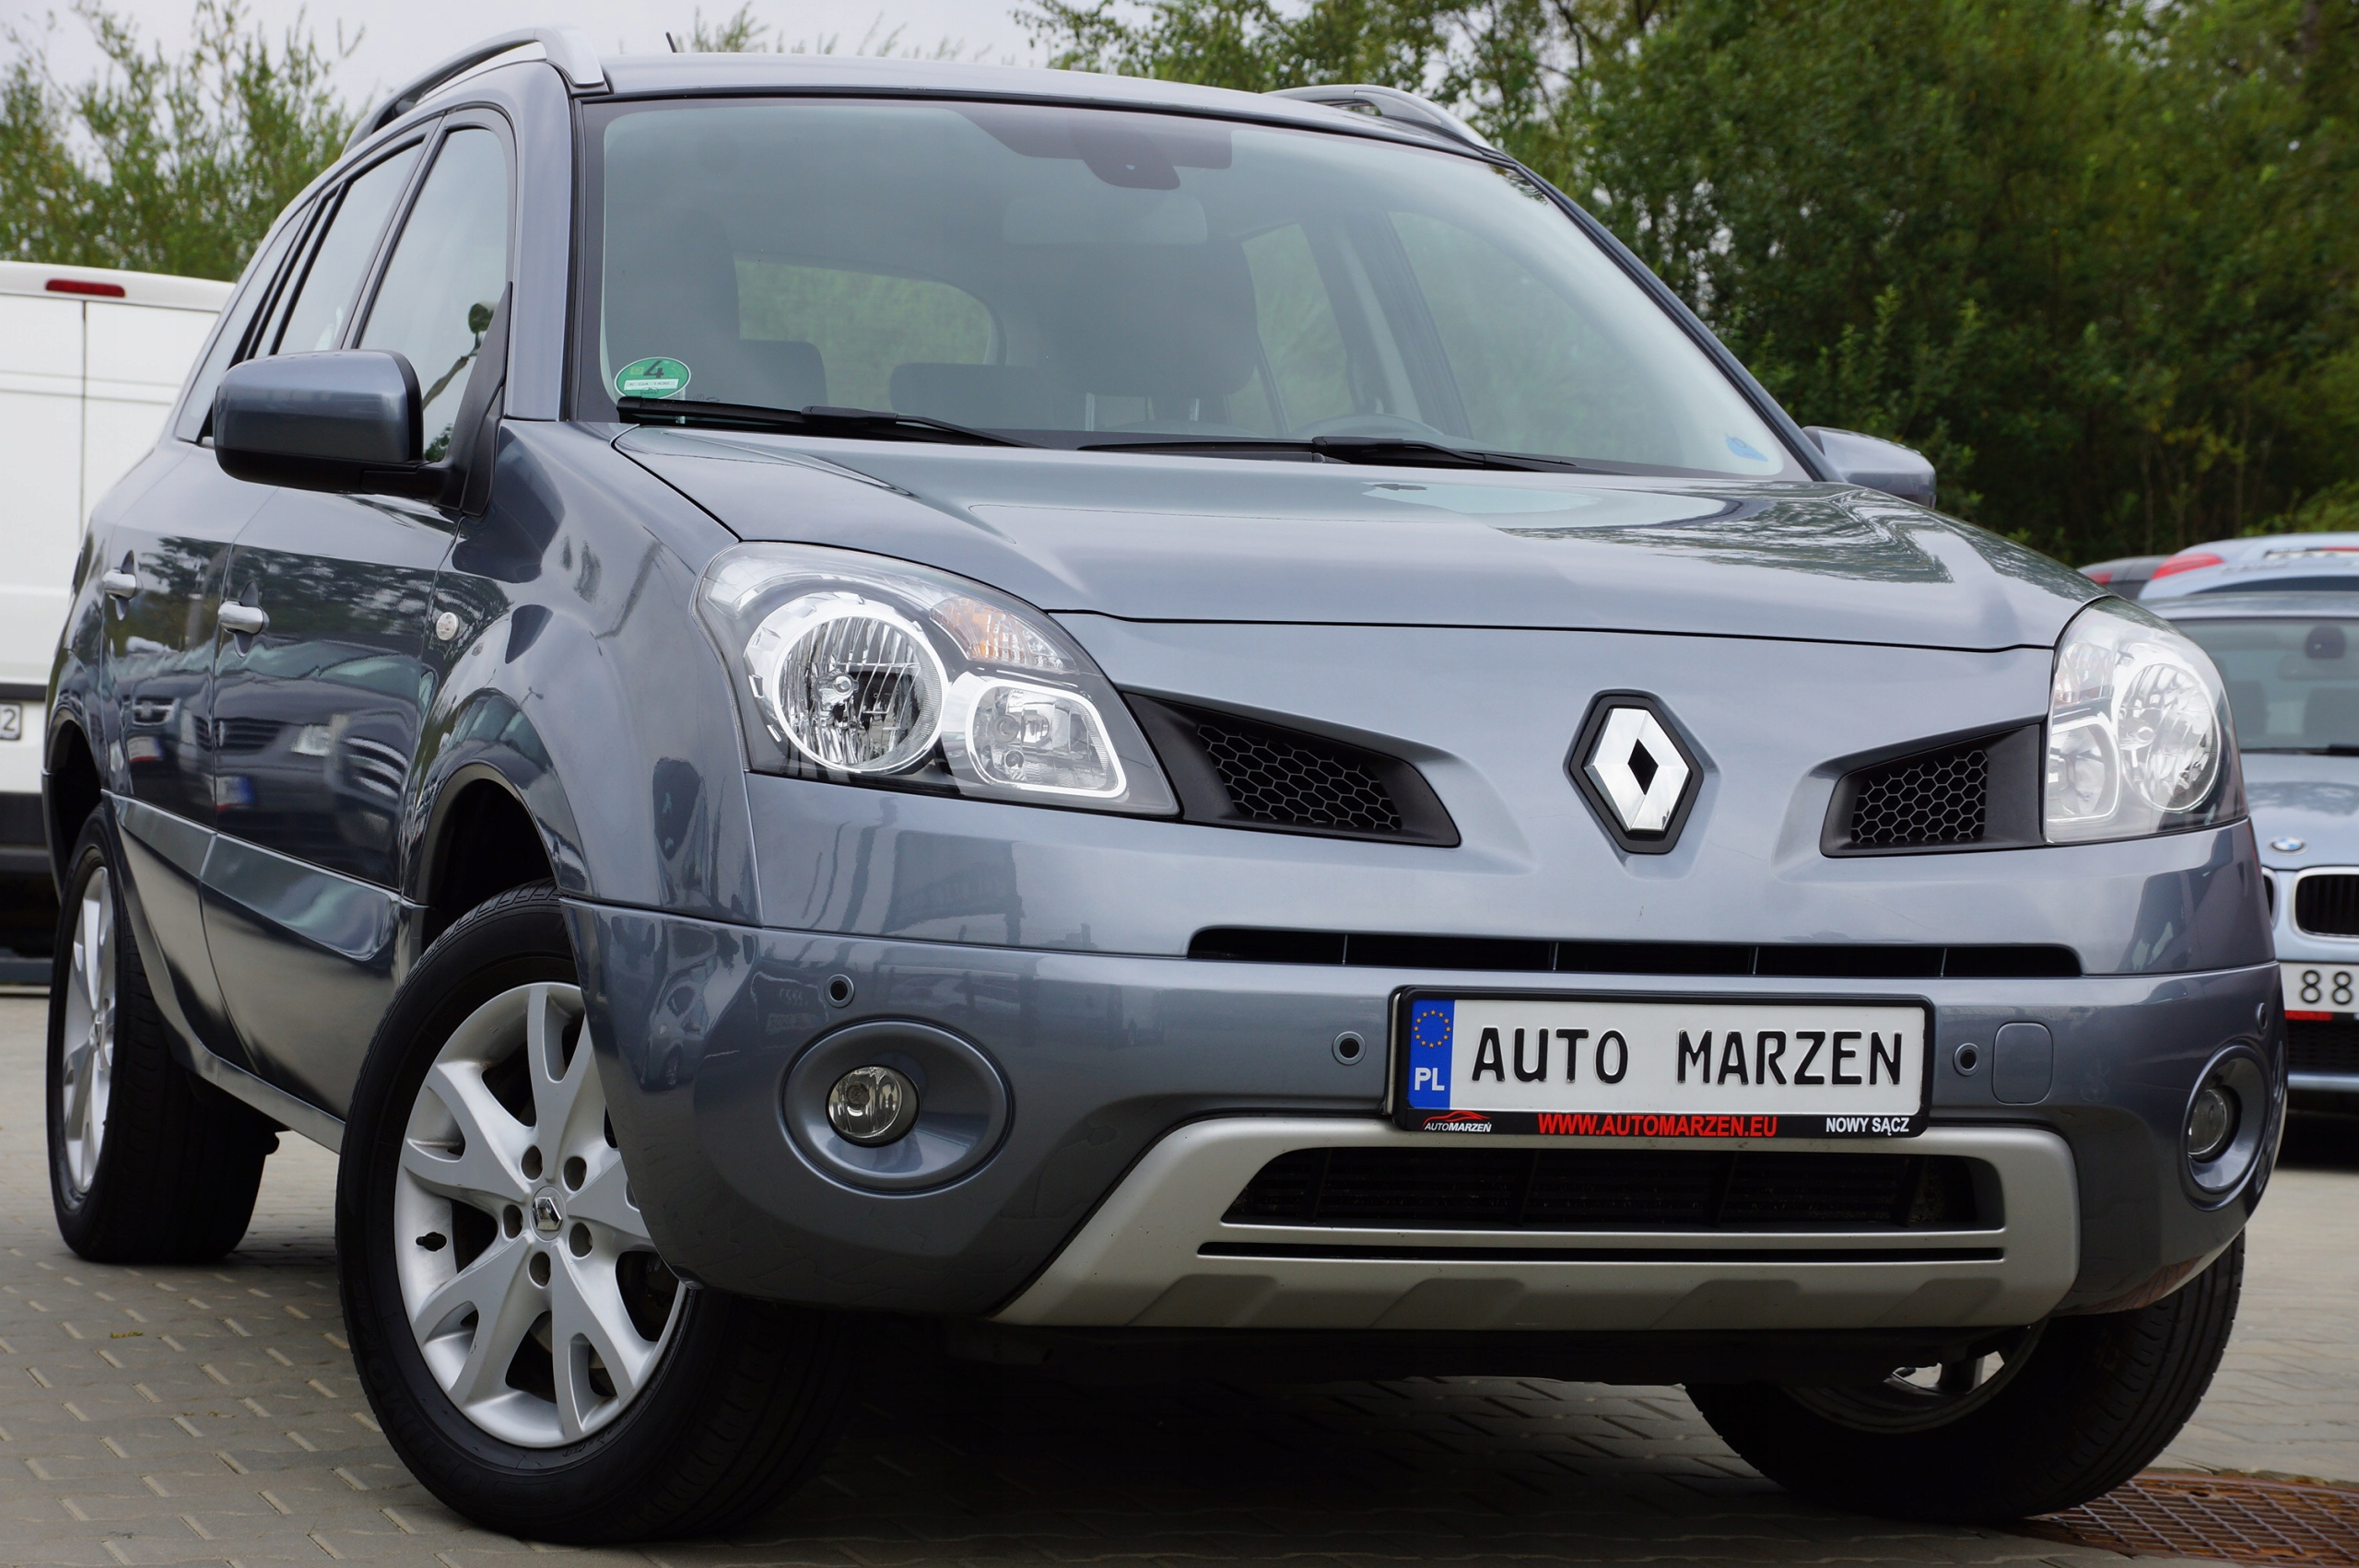 Renault Koleos 2.0 DCI 150 KM, 4x4, Hak, GWARANCJA